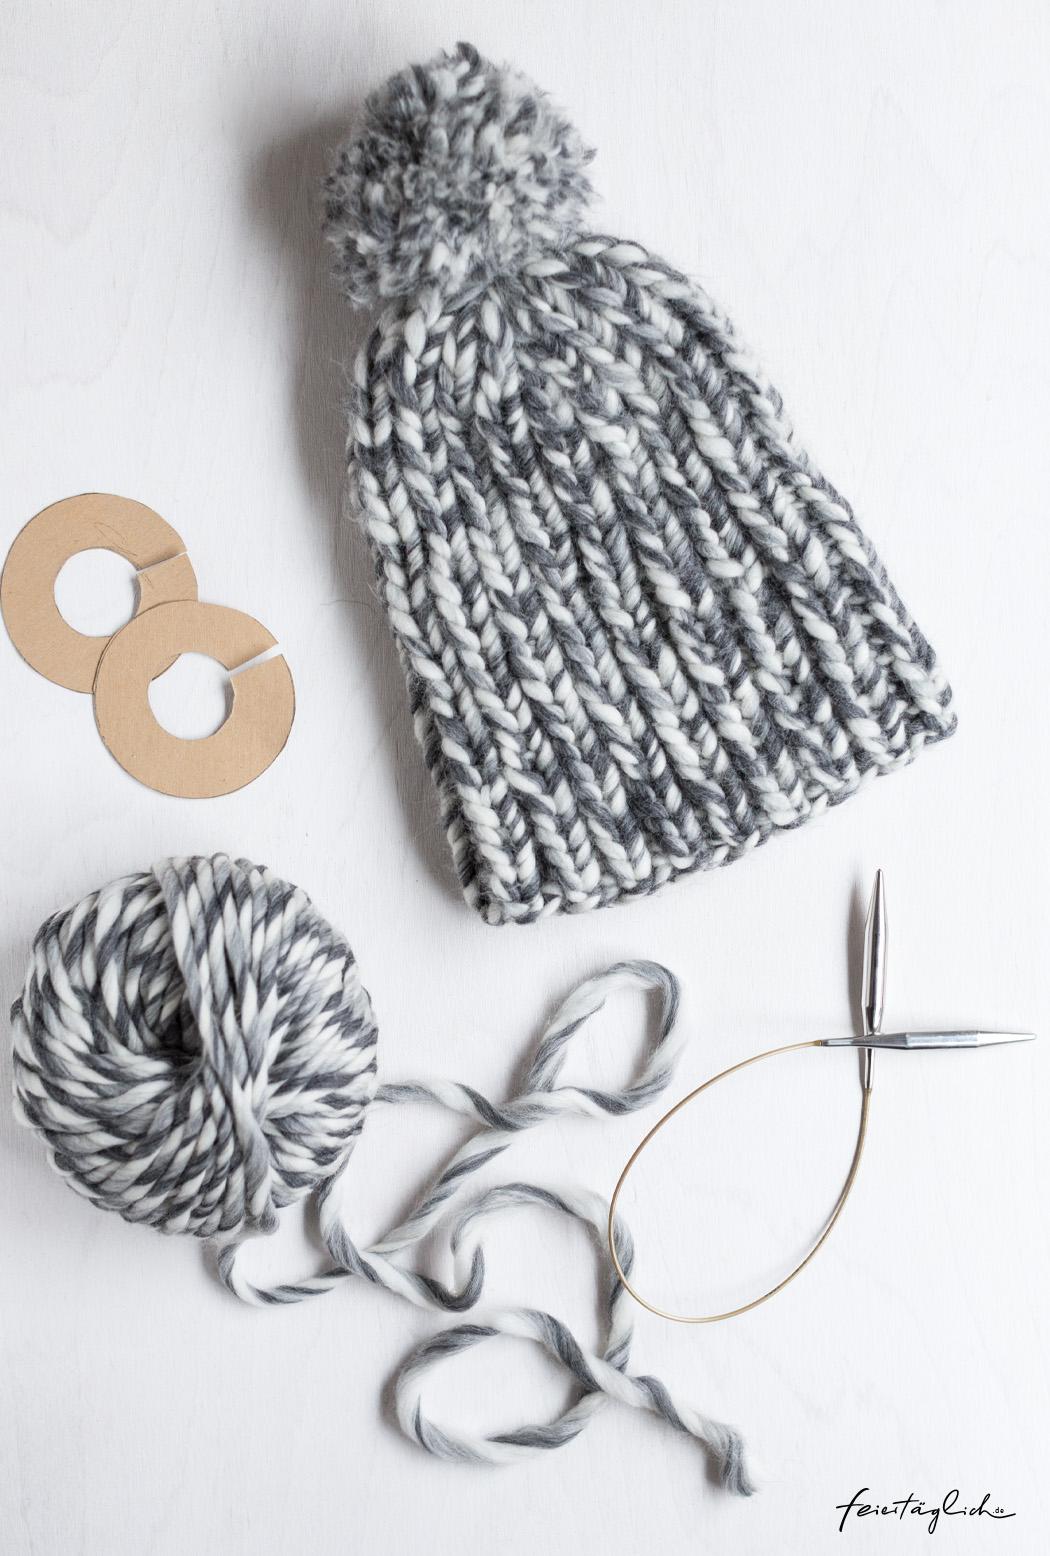 Dicke, kuschelige Pudelmütze, schnell und einfach selbst gestrickt (Strickanleitung auch für Anfänger)